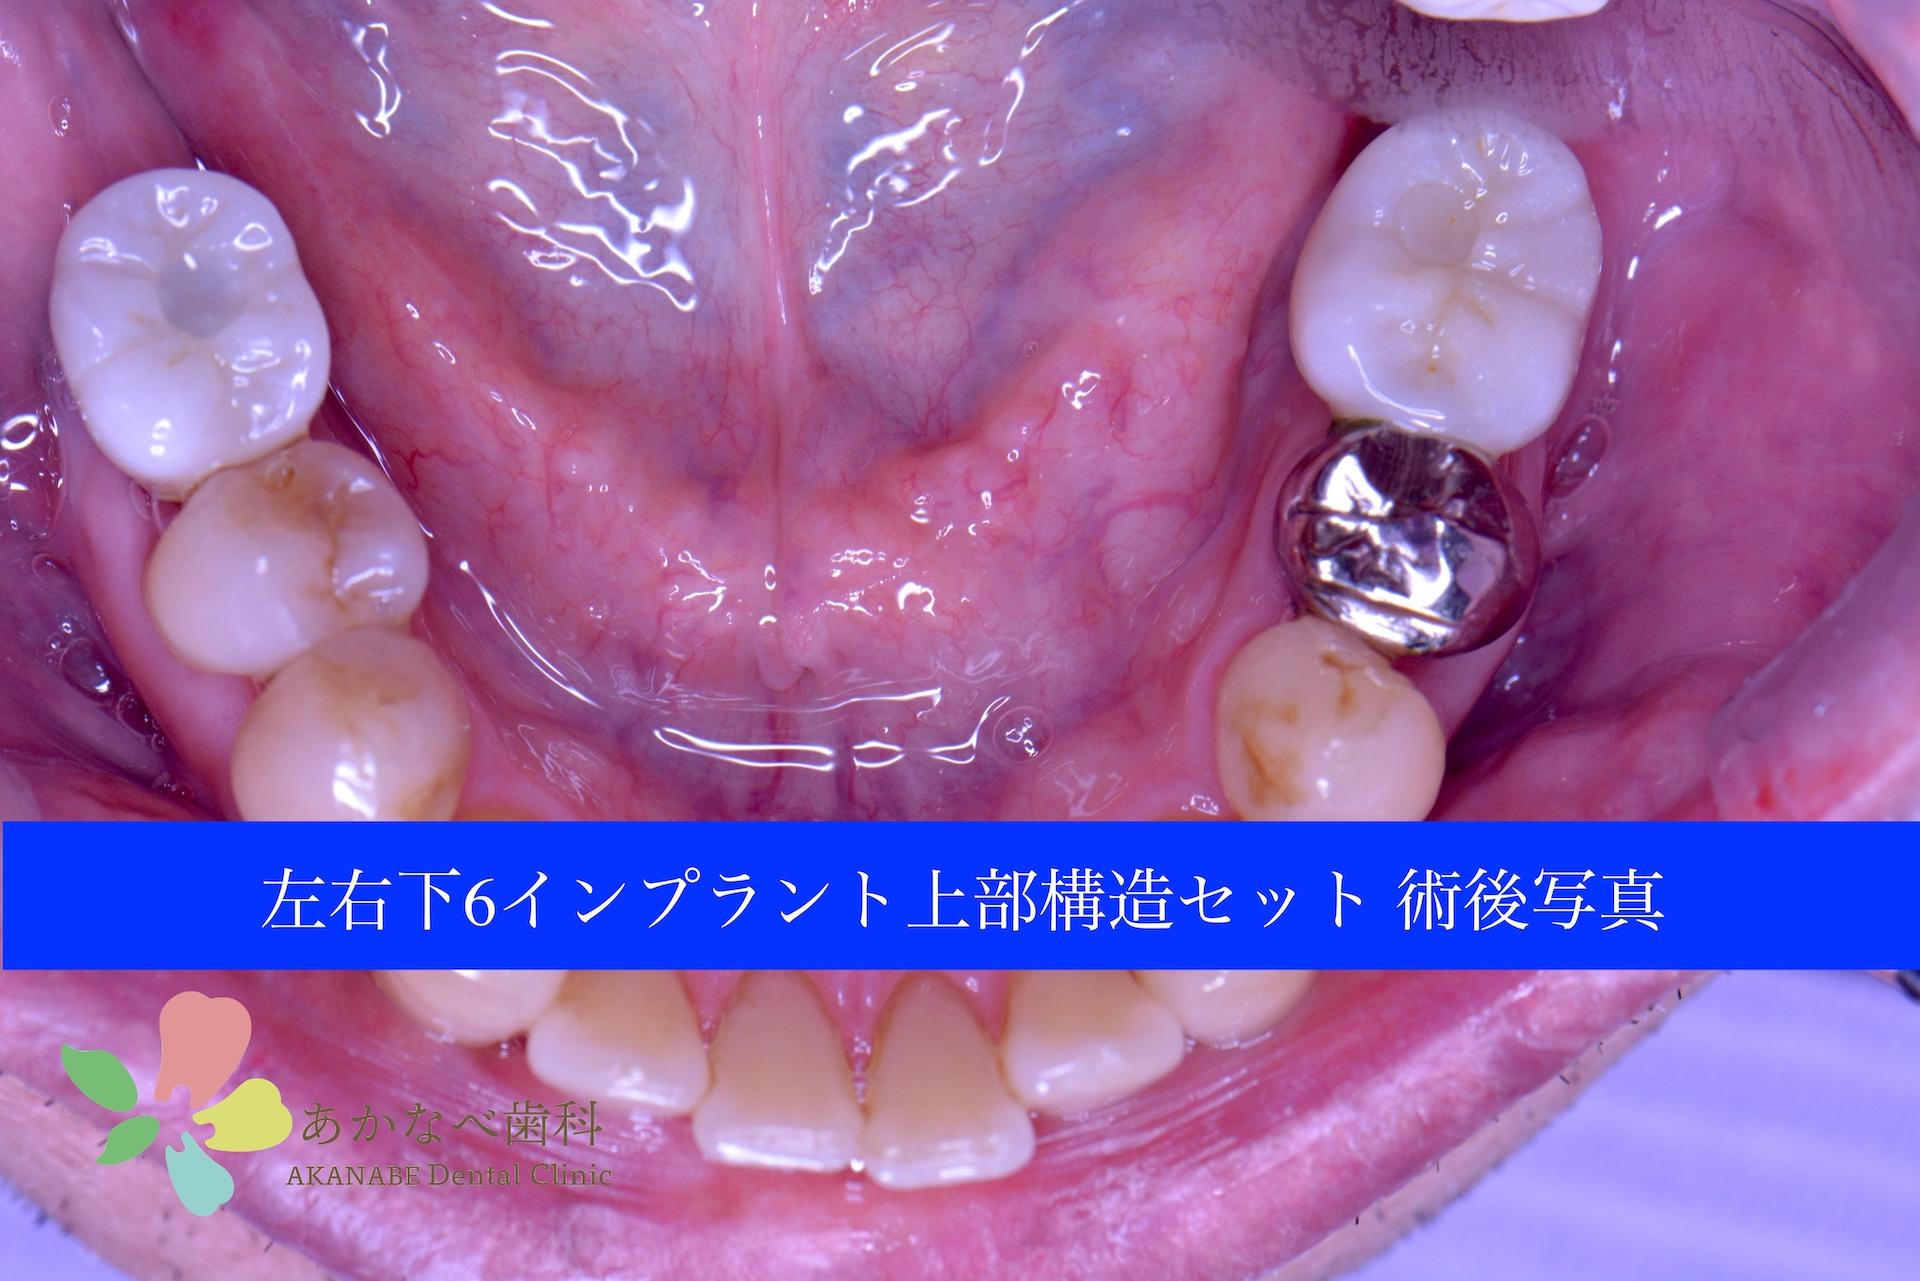 あかなべ歯科_左右下6インプラント上部構造セット_20200912_術後写真_1